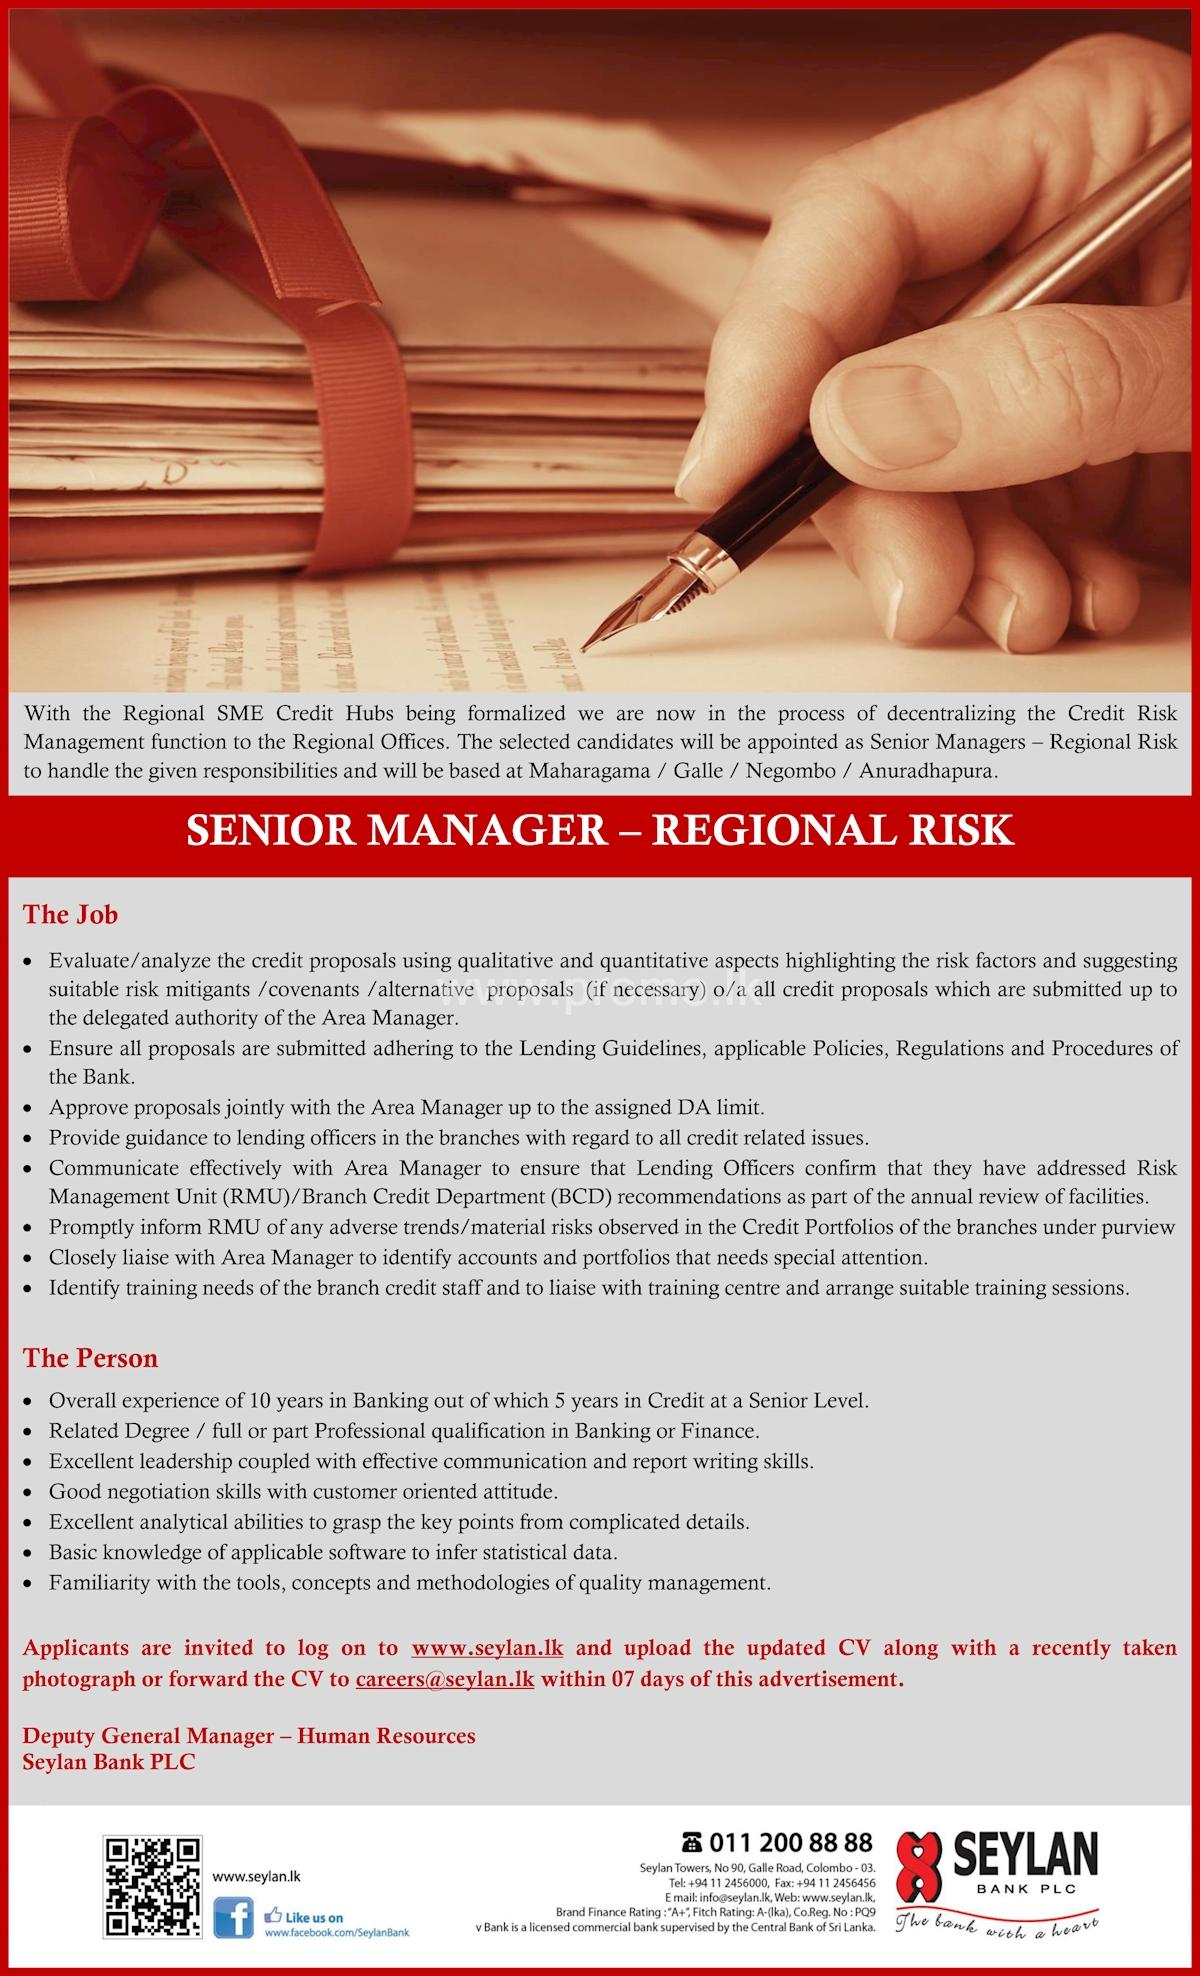 Senior Manager - Regional Risk